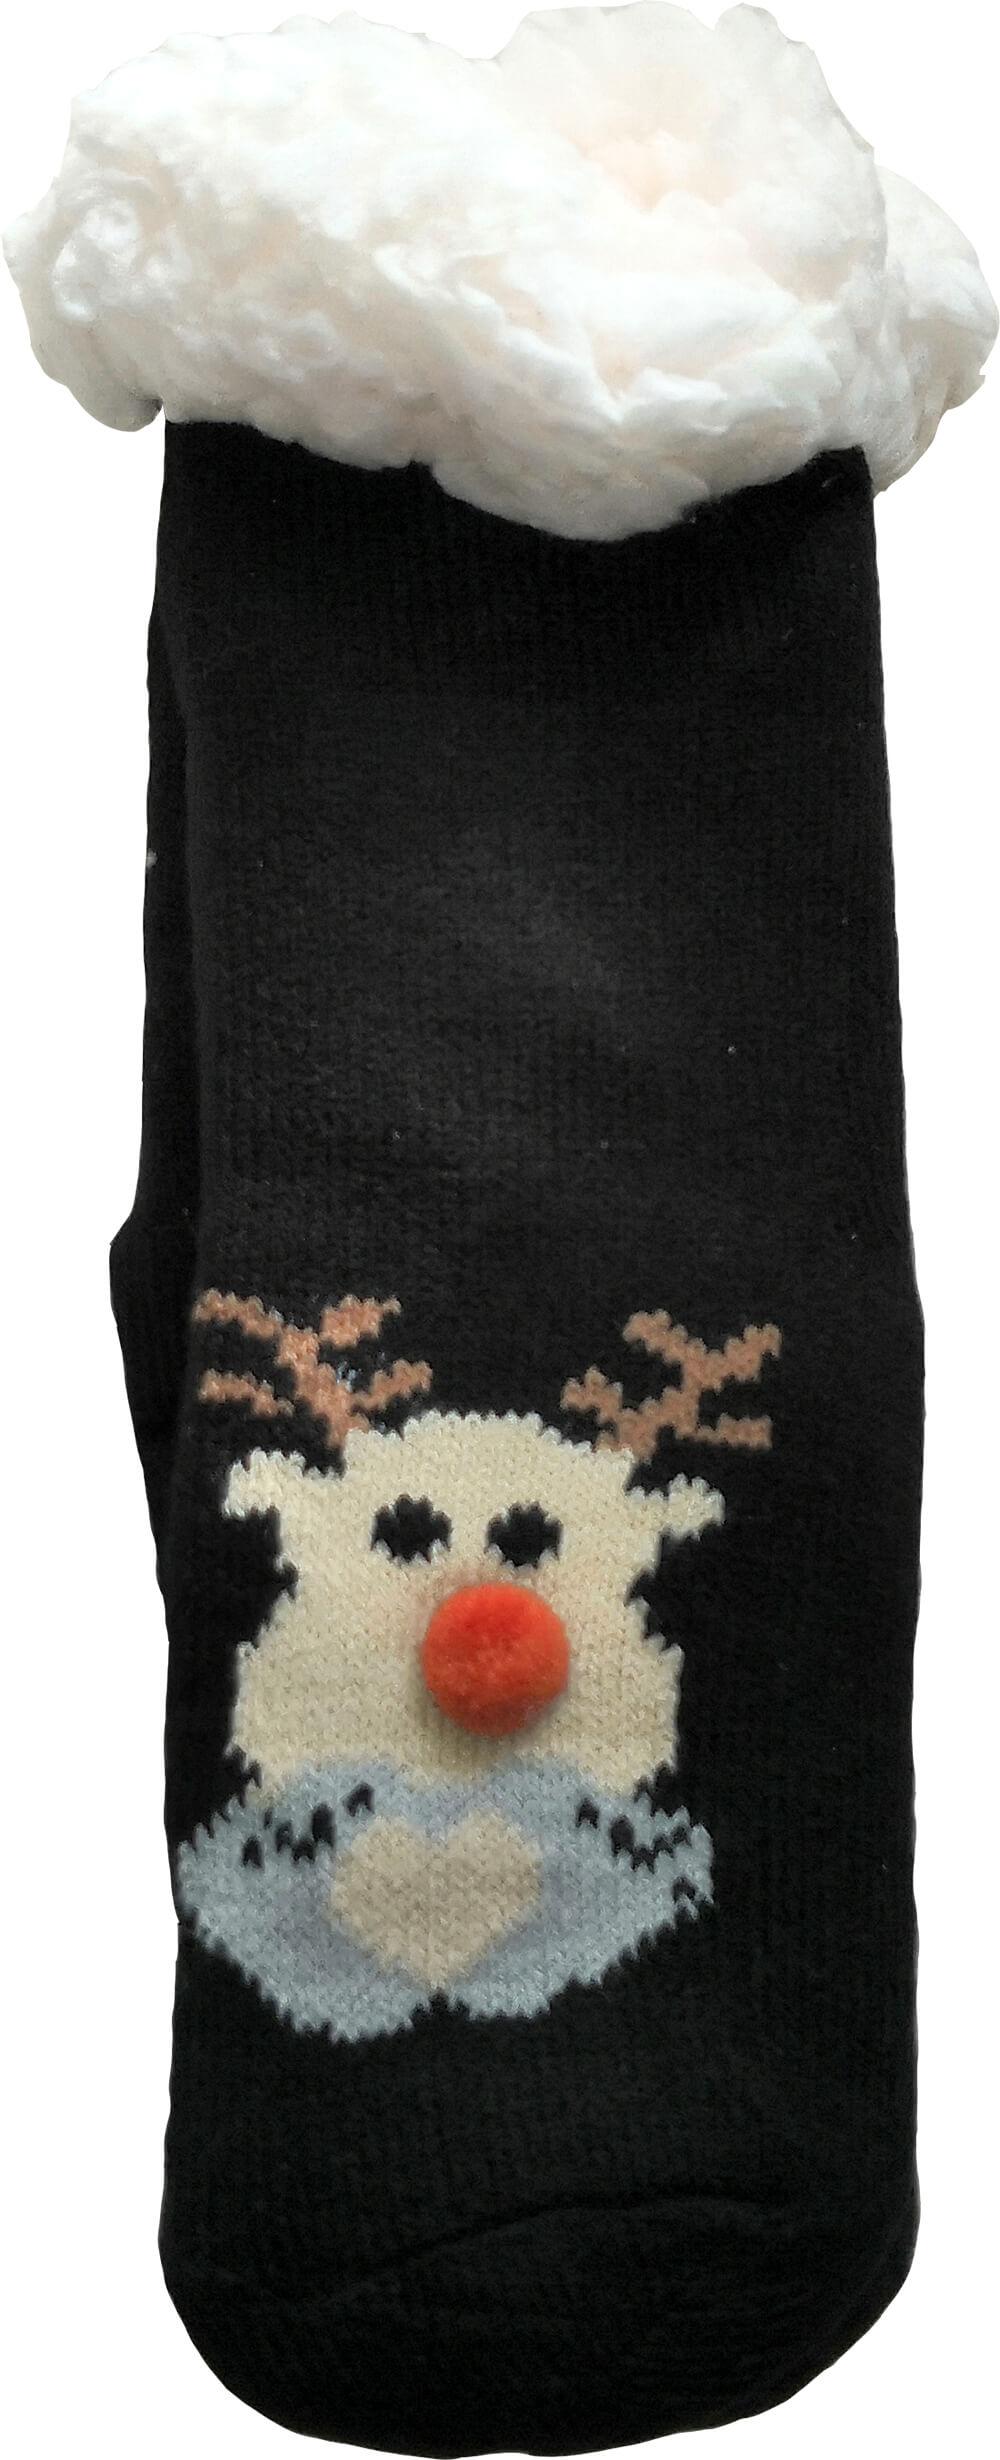 Детские носки-тапочки LookEN SM-HL-7211D-bl 26-28 размера черного цвета.